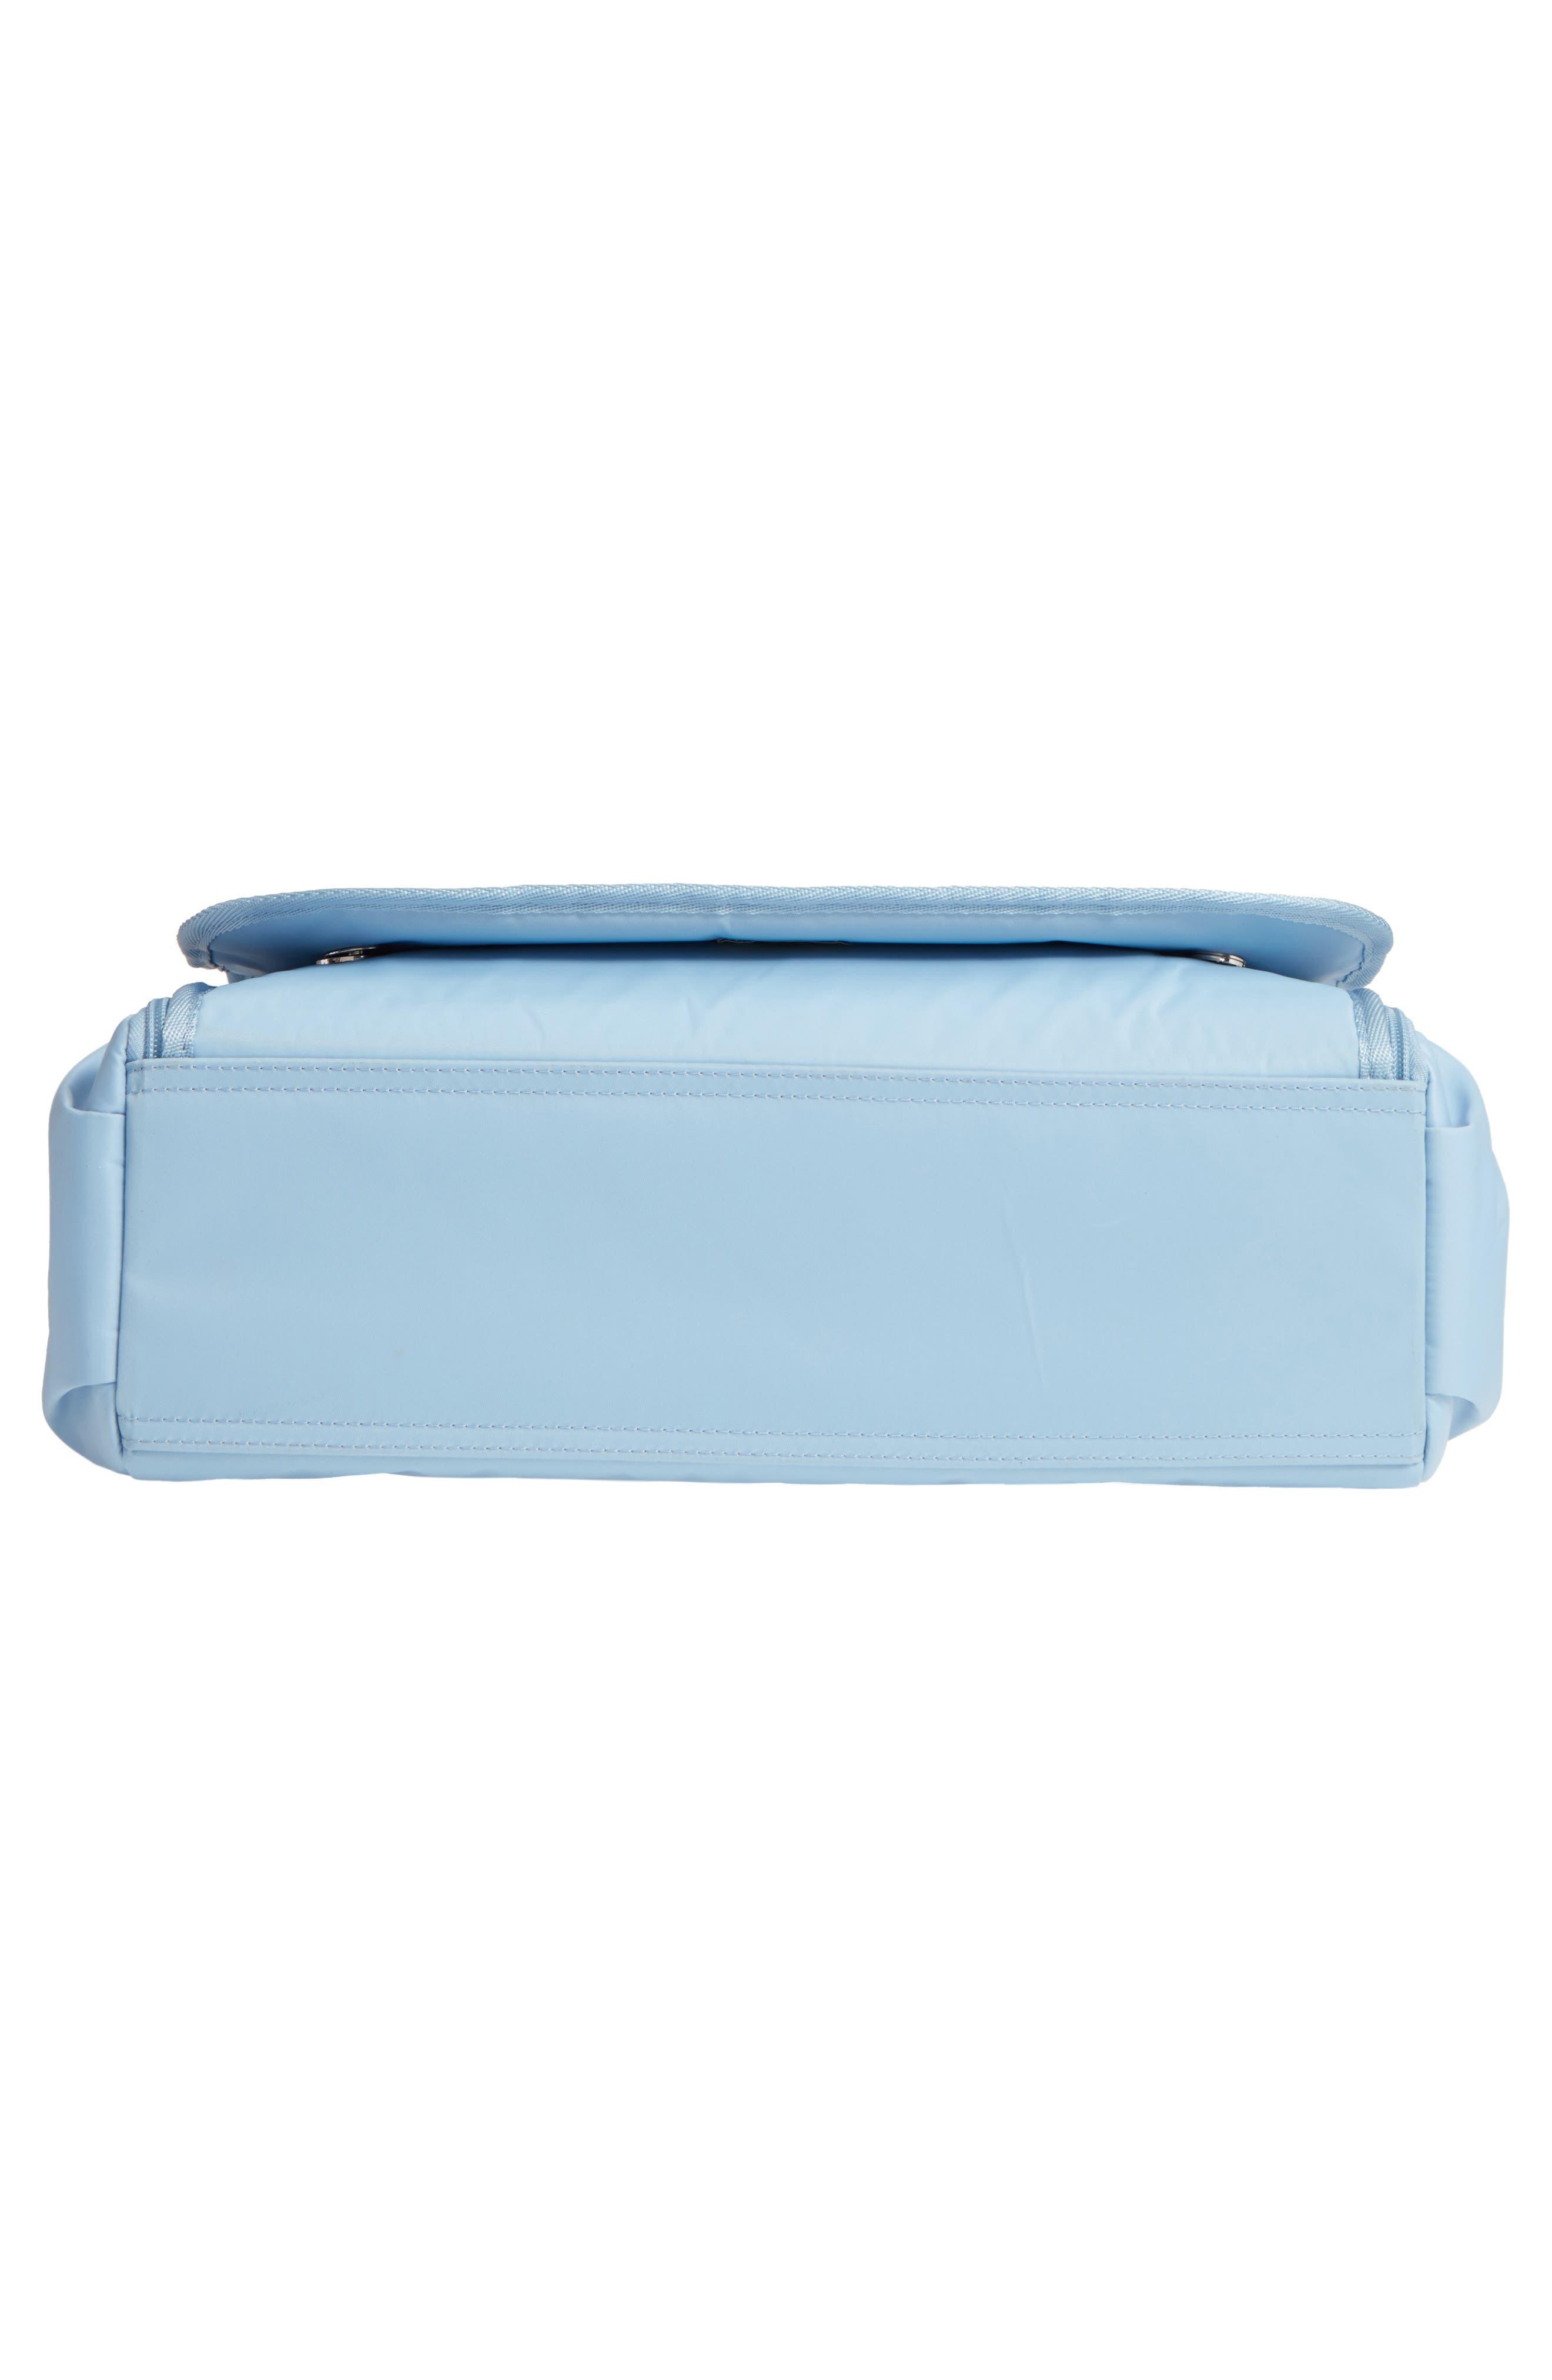 Nylon Messenger Diaper Bag,                             Alternate thumbnail 23, color,